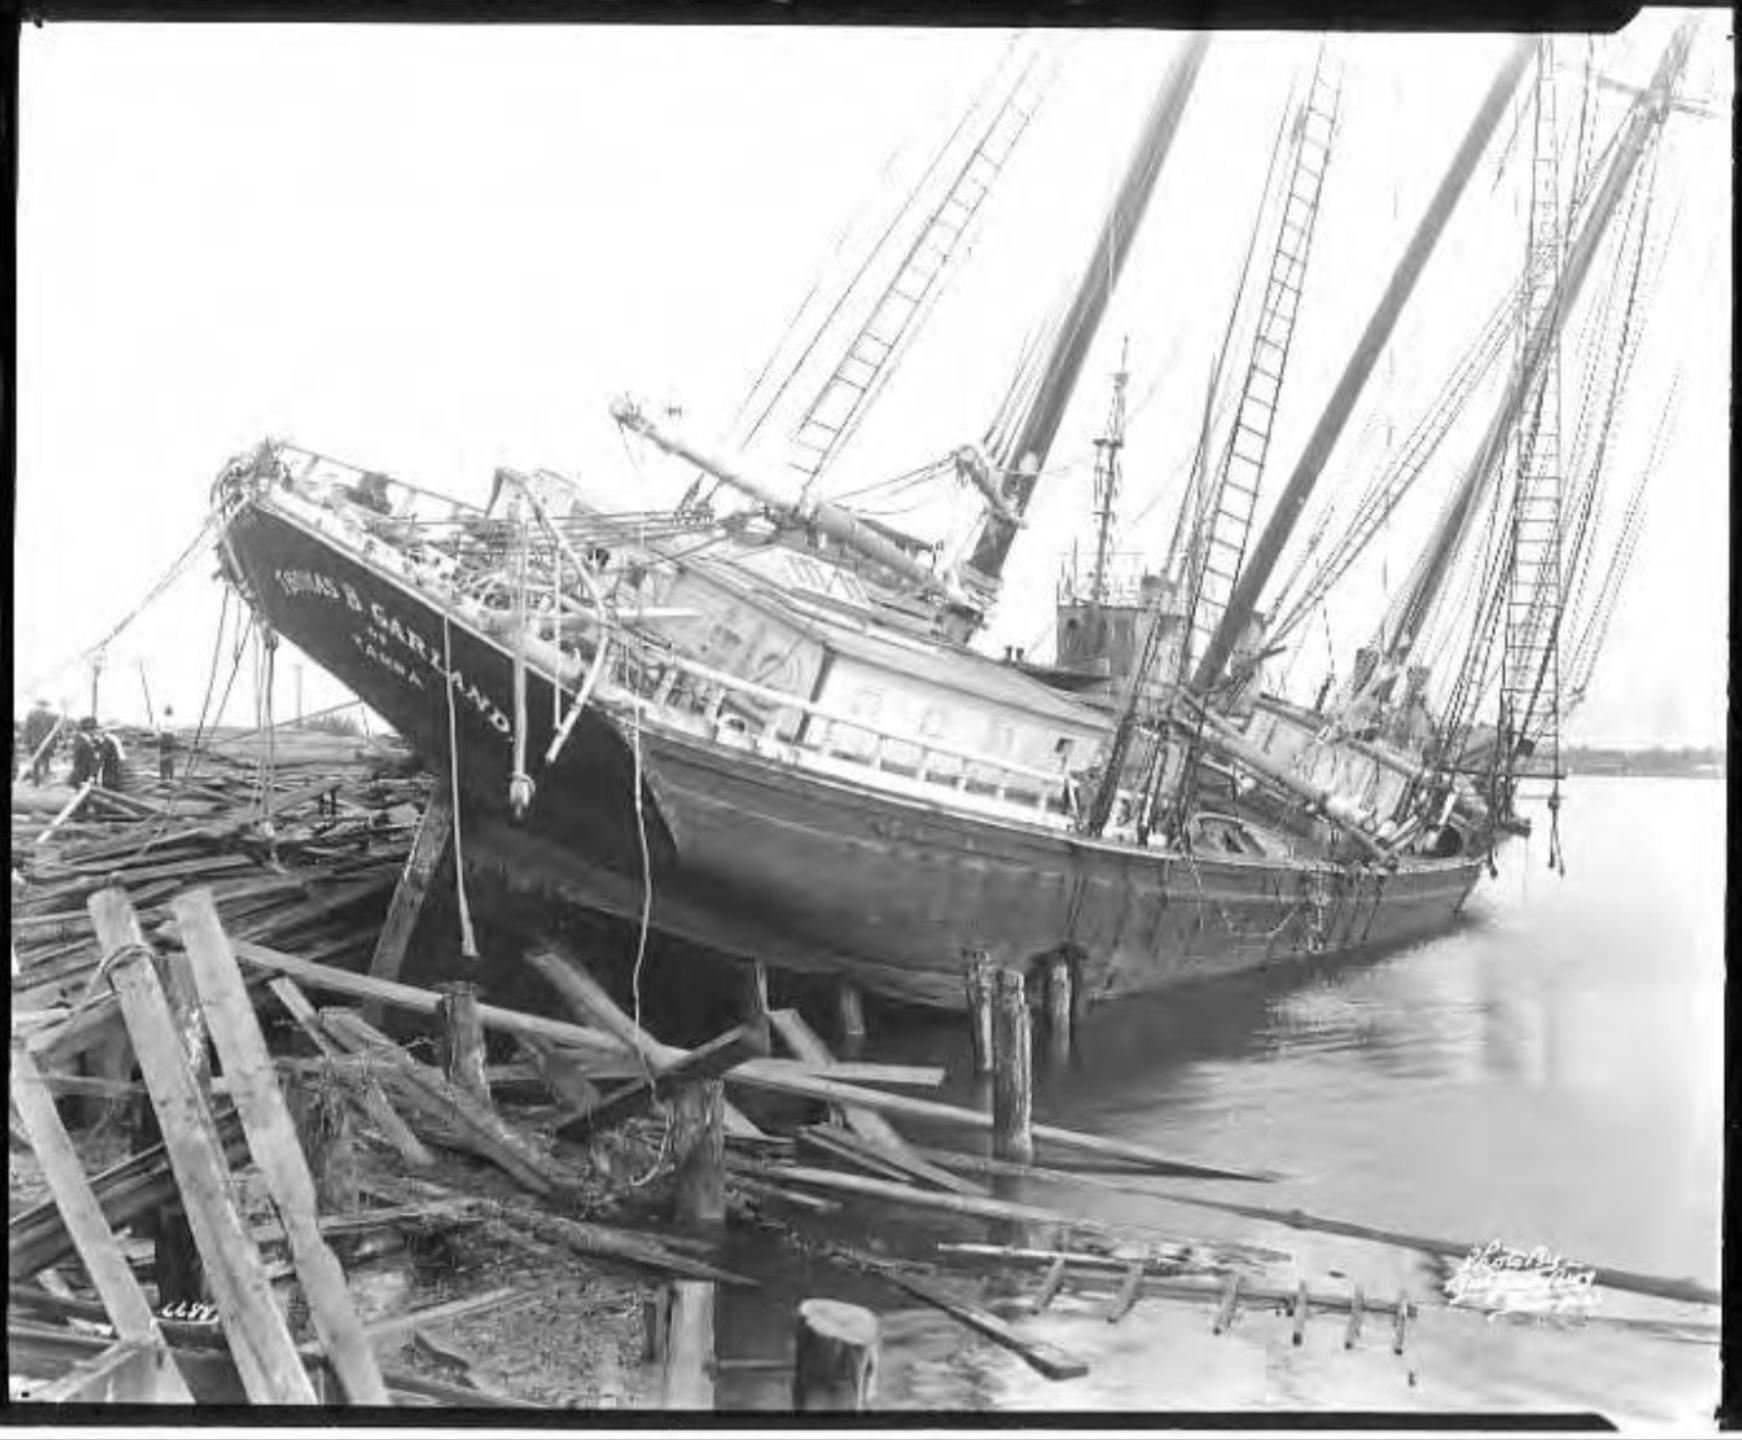 Hurricane-damaged ship Thomas B. Garland tossed onto docks  Tampa, Fla..png